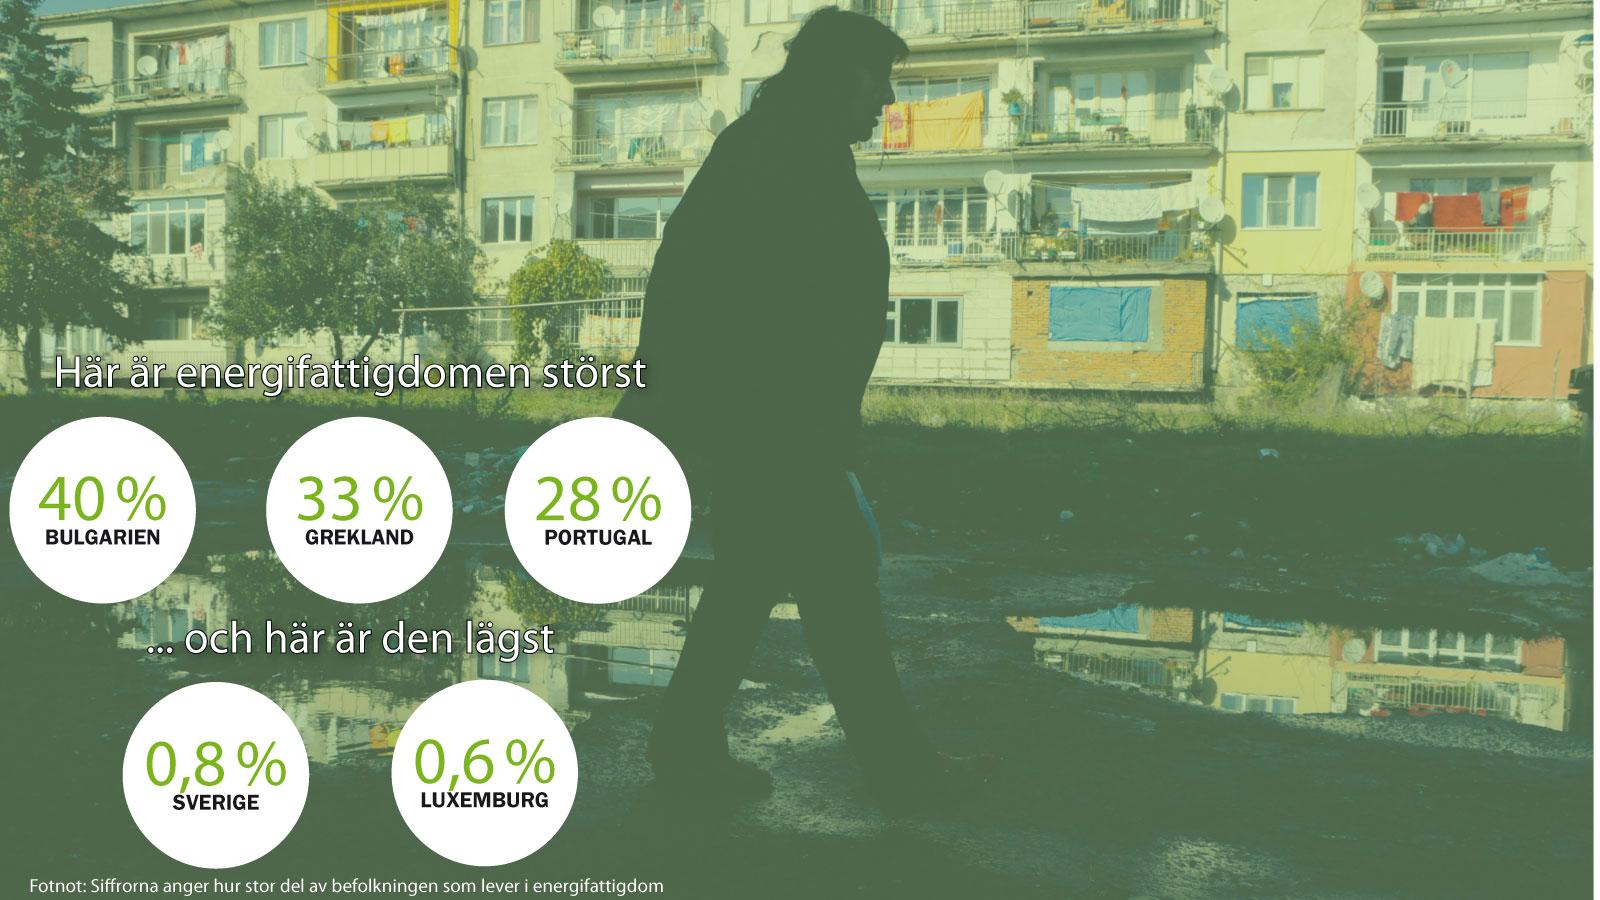 En av tio EU-medborgare lever i energifattigdom